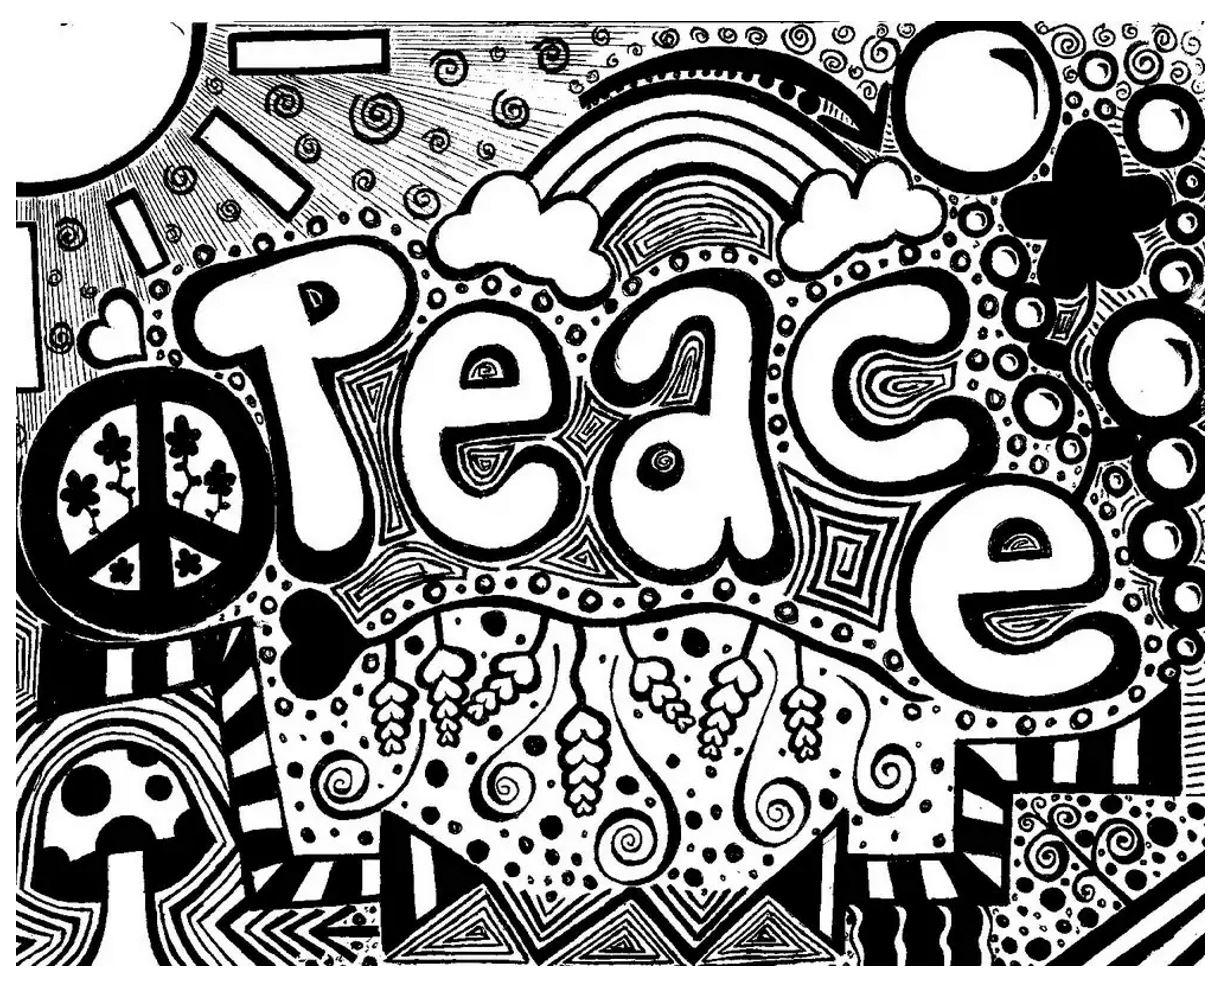 Message de paix dans ce magnifique dessin 'doodlé'